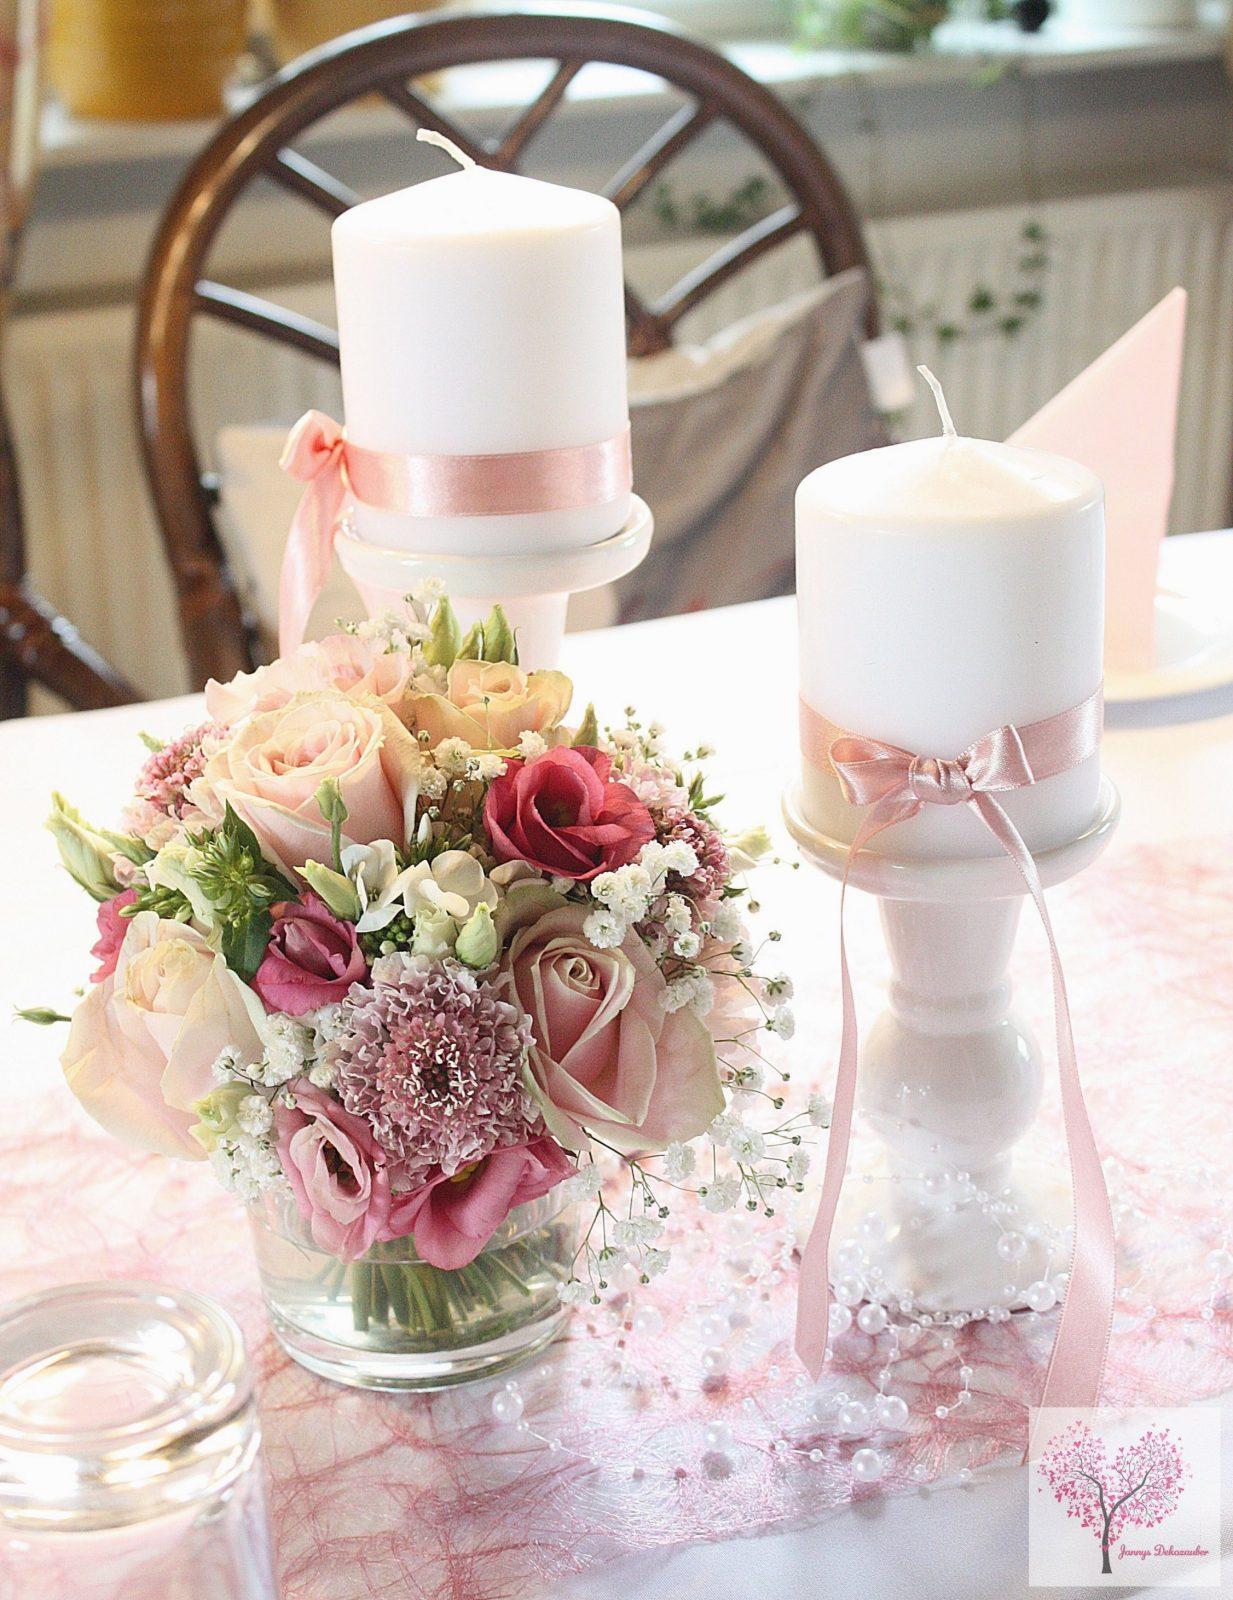 Altrosa Tischdeko Hochzeit Taufe Sizoweb Perlen Blumen Rosa Pink von Tischdeko Hochzeit Vintage Rosa Photo